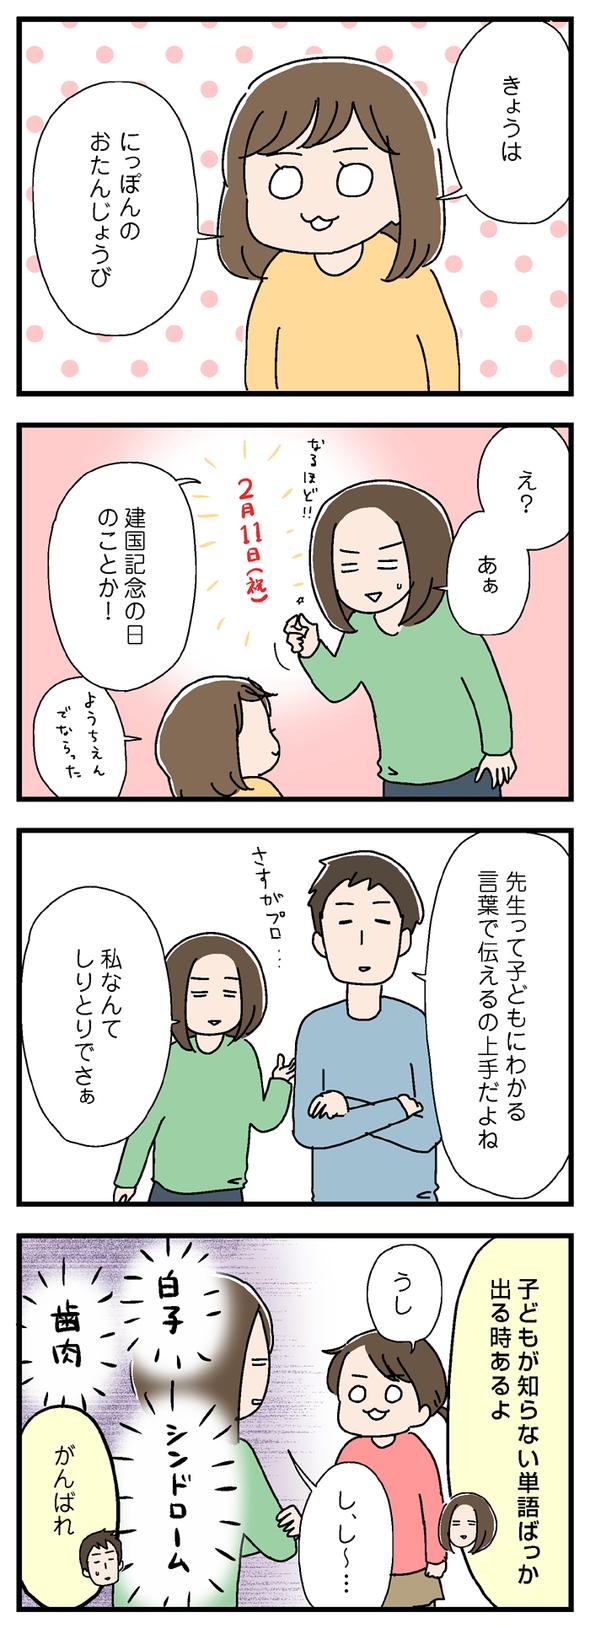 icchomae720